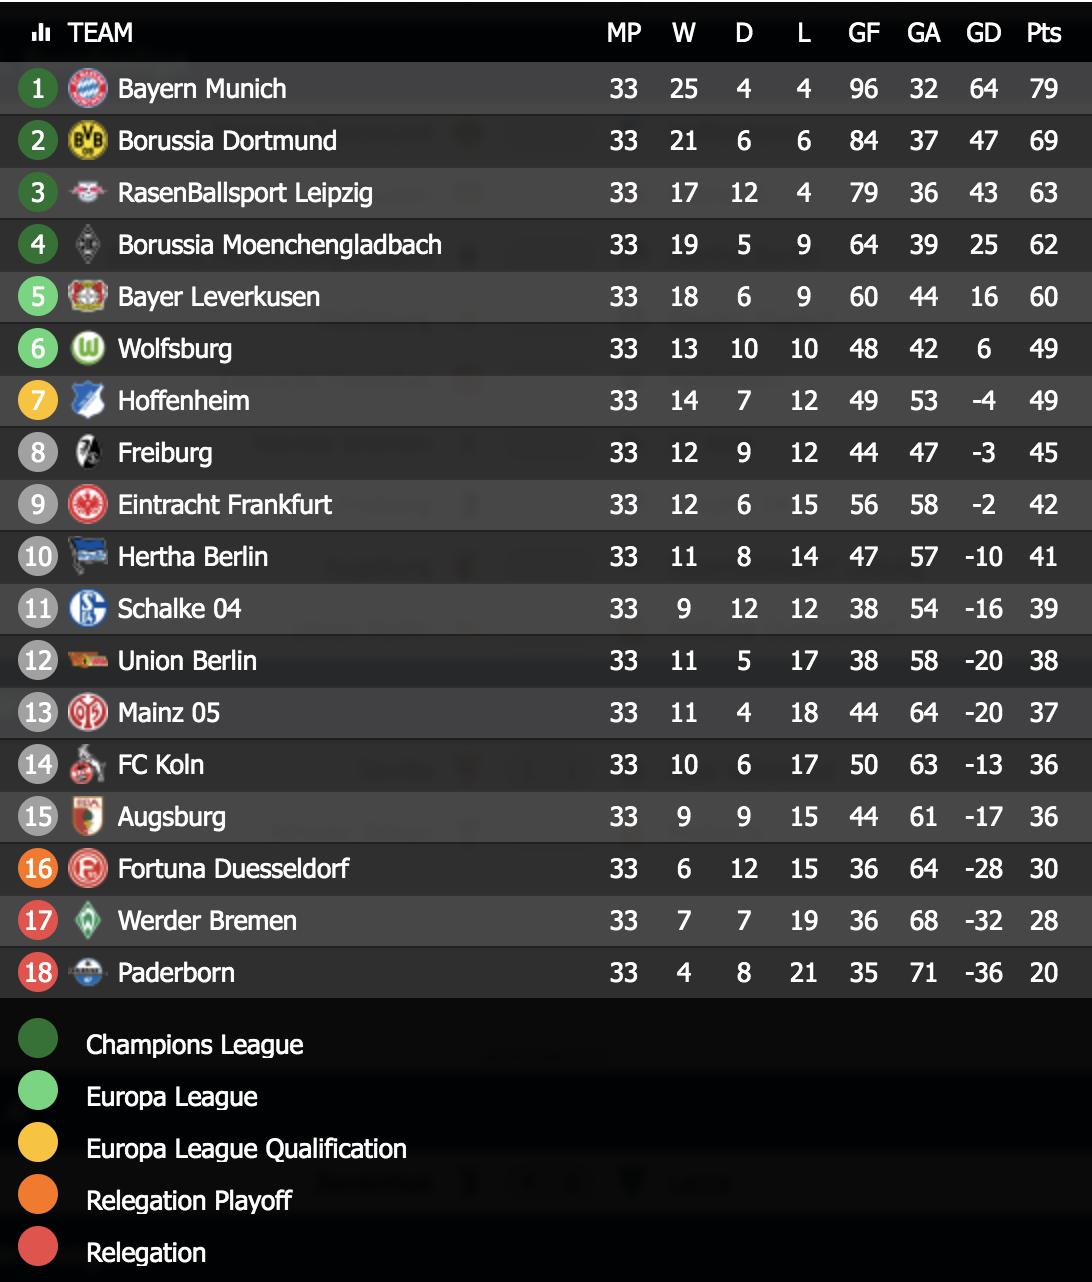 ブンデスリーガ2019-20の順位表(最終節前)